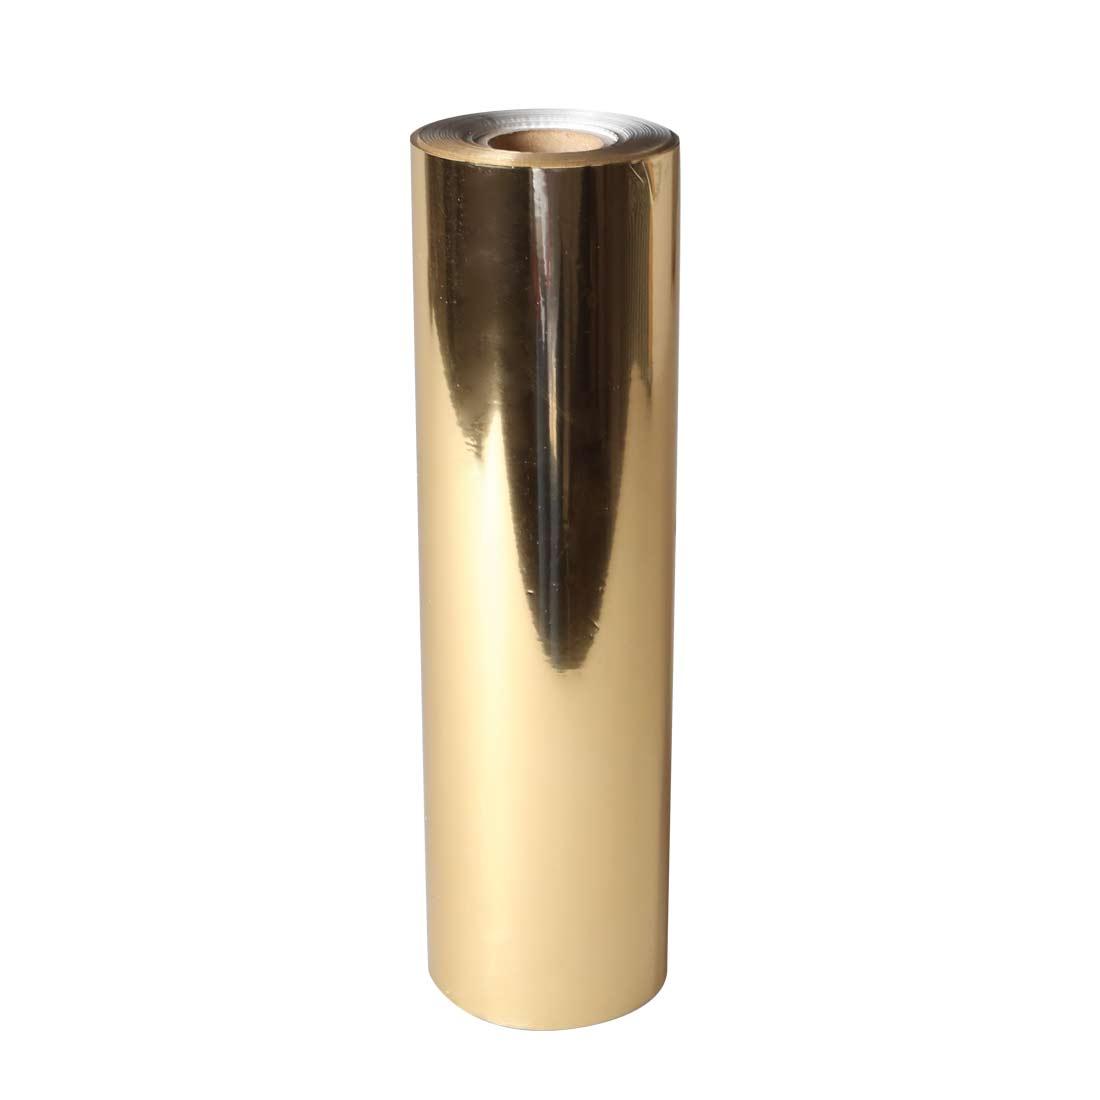 Uniwersalna folia do złoceń, nabłyszczeń w rolce - O.FOIL PREMIUM - 16 cm x 120 m - złoty